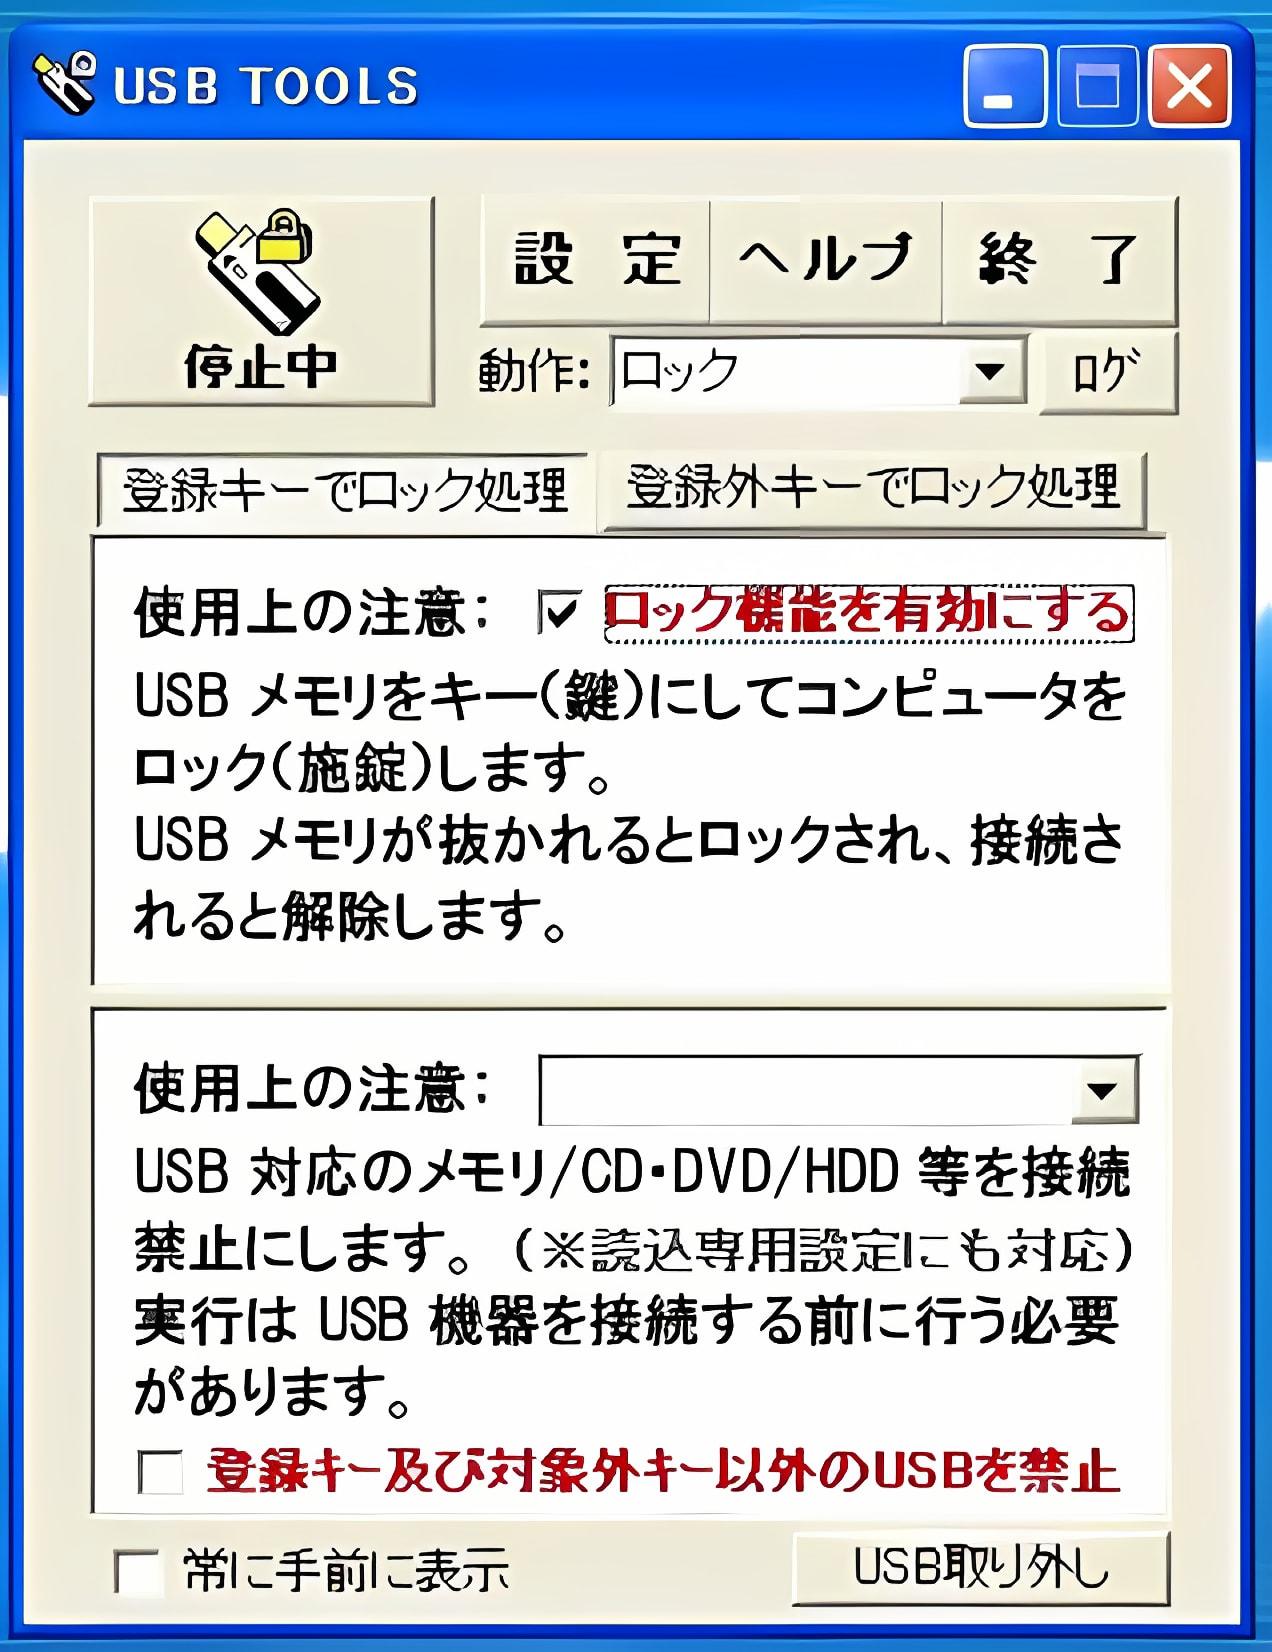 USB TOOLS